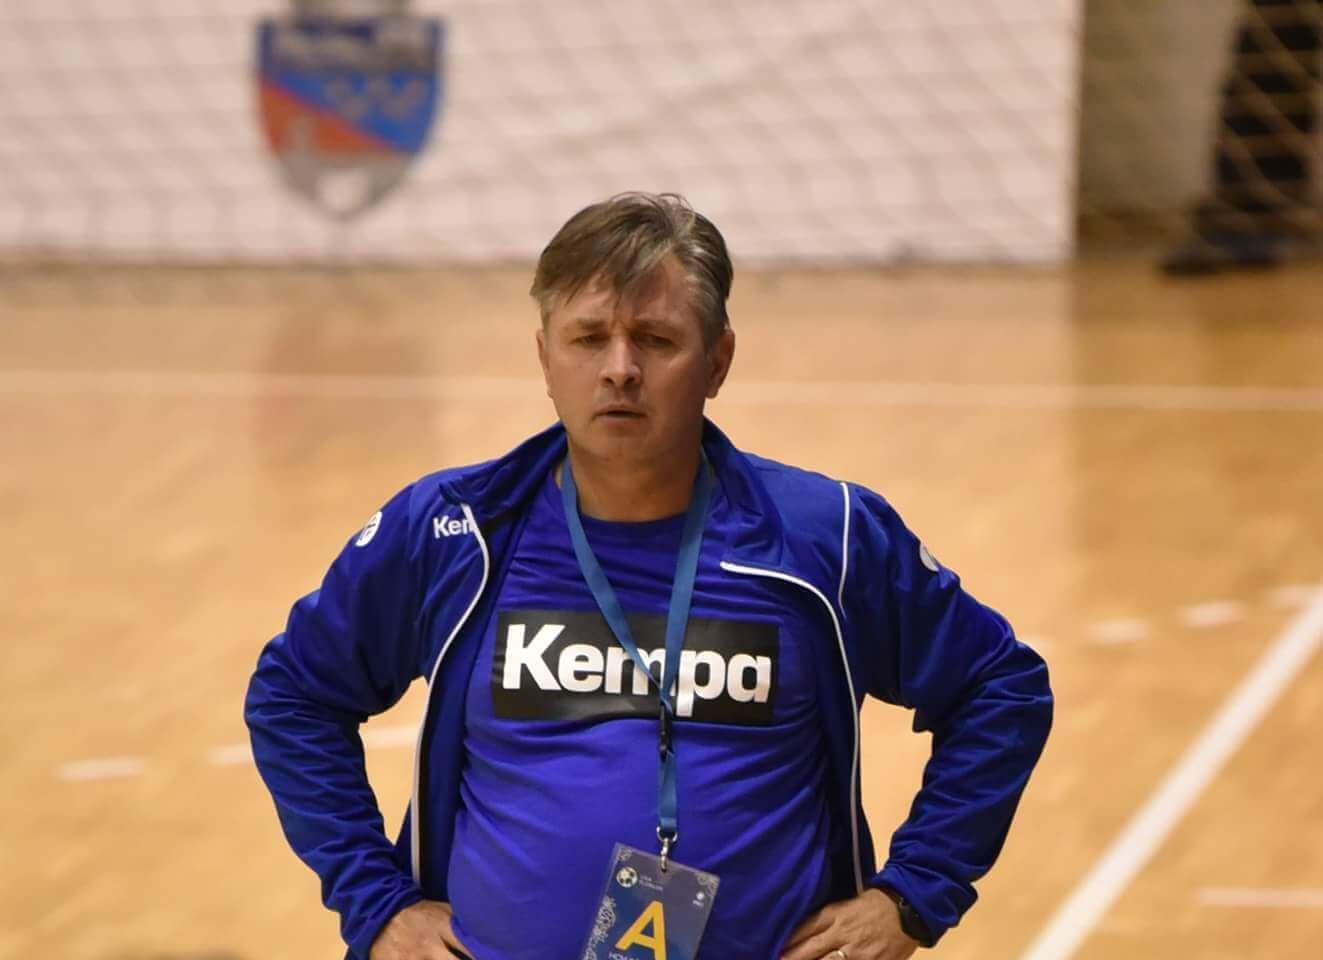 aurelian roșca: fiecare meci cu hc zalău este greu, ne bucurăm că am câștigat Aurelian Roșca: Fiecare meci cu HC Zalău este greu, ne bucurăm că am câștigat FB IMG 1509688742320